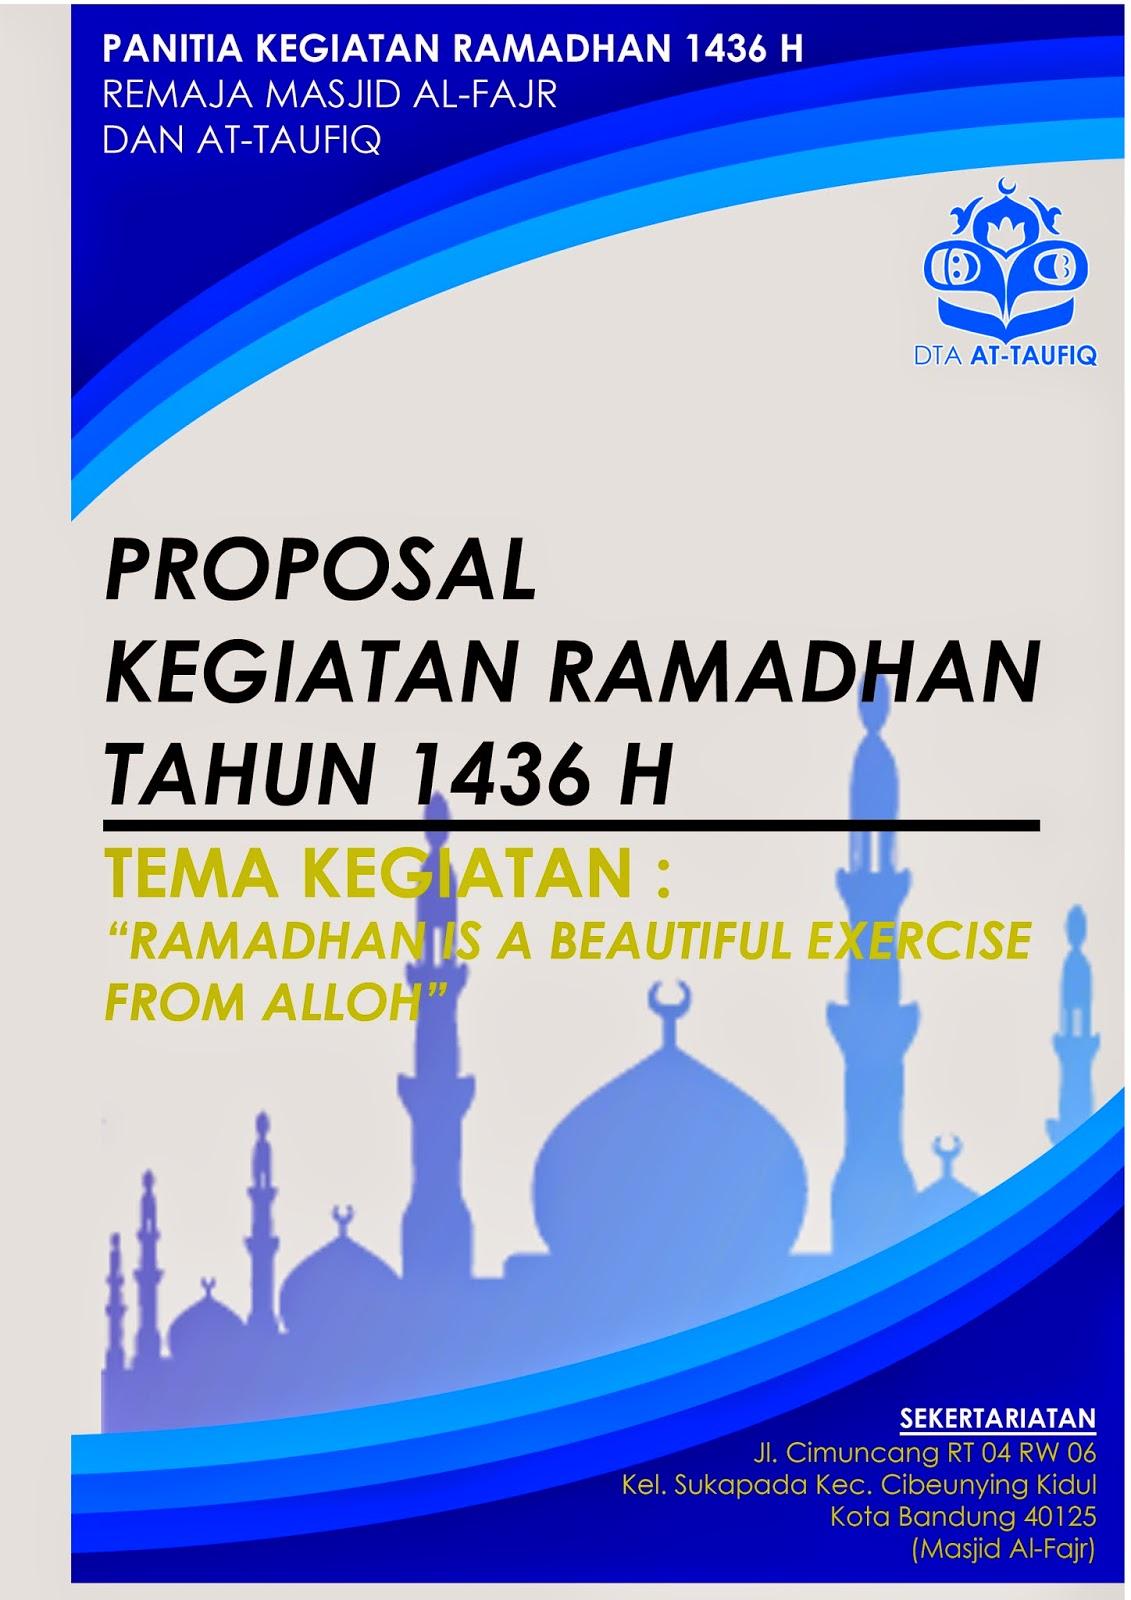 Proposal Kegiatan Ramadhan 1436 H Format Blog